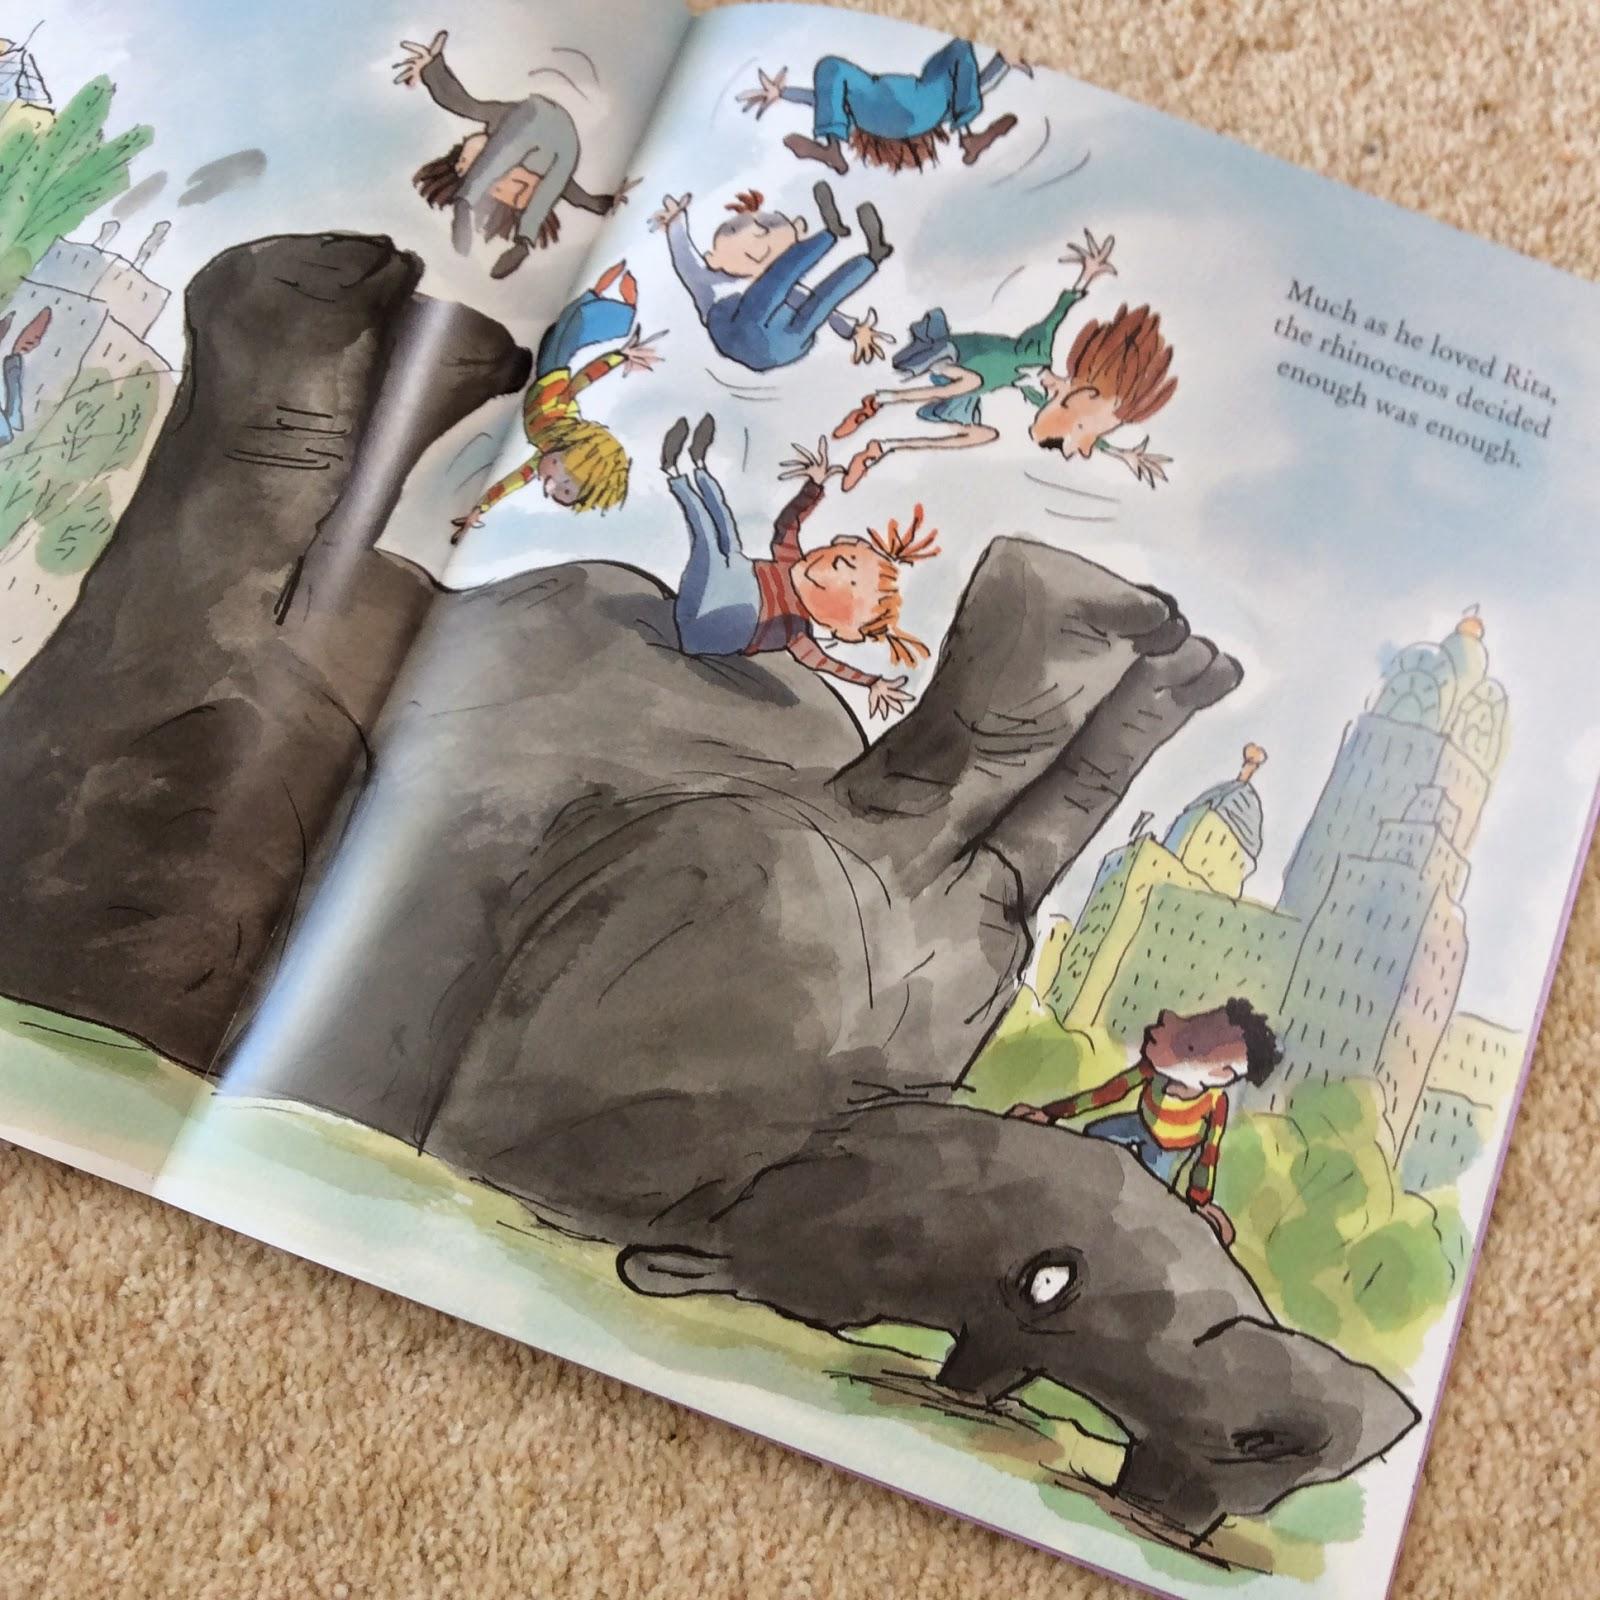 Illustration from Rita's Rhino by Tony Ross